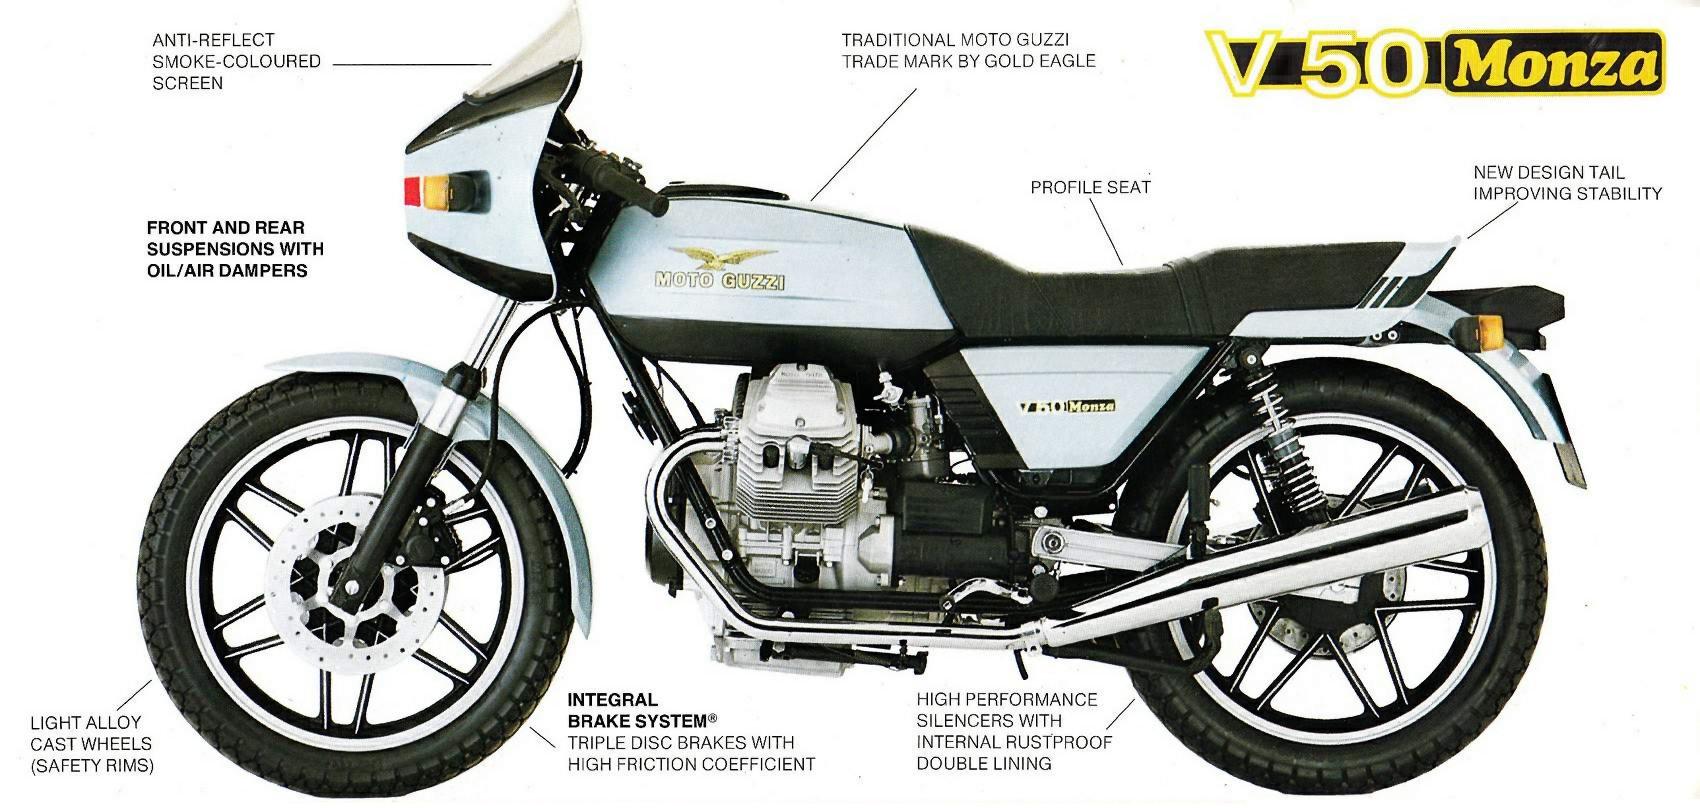 Moto Guzzi V50 Monza 2